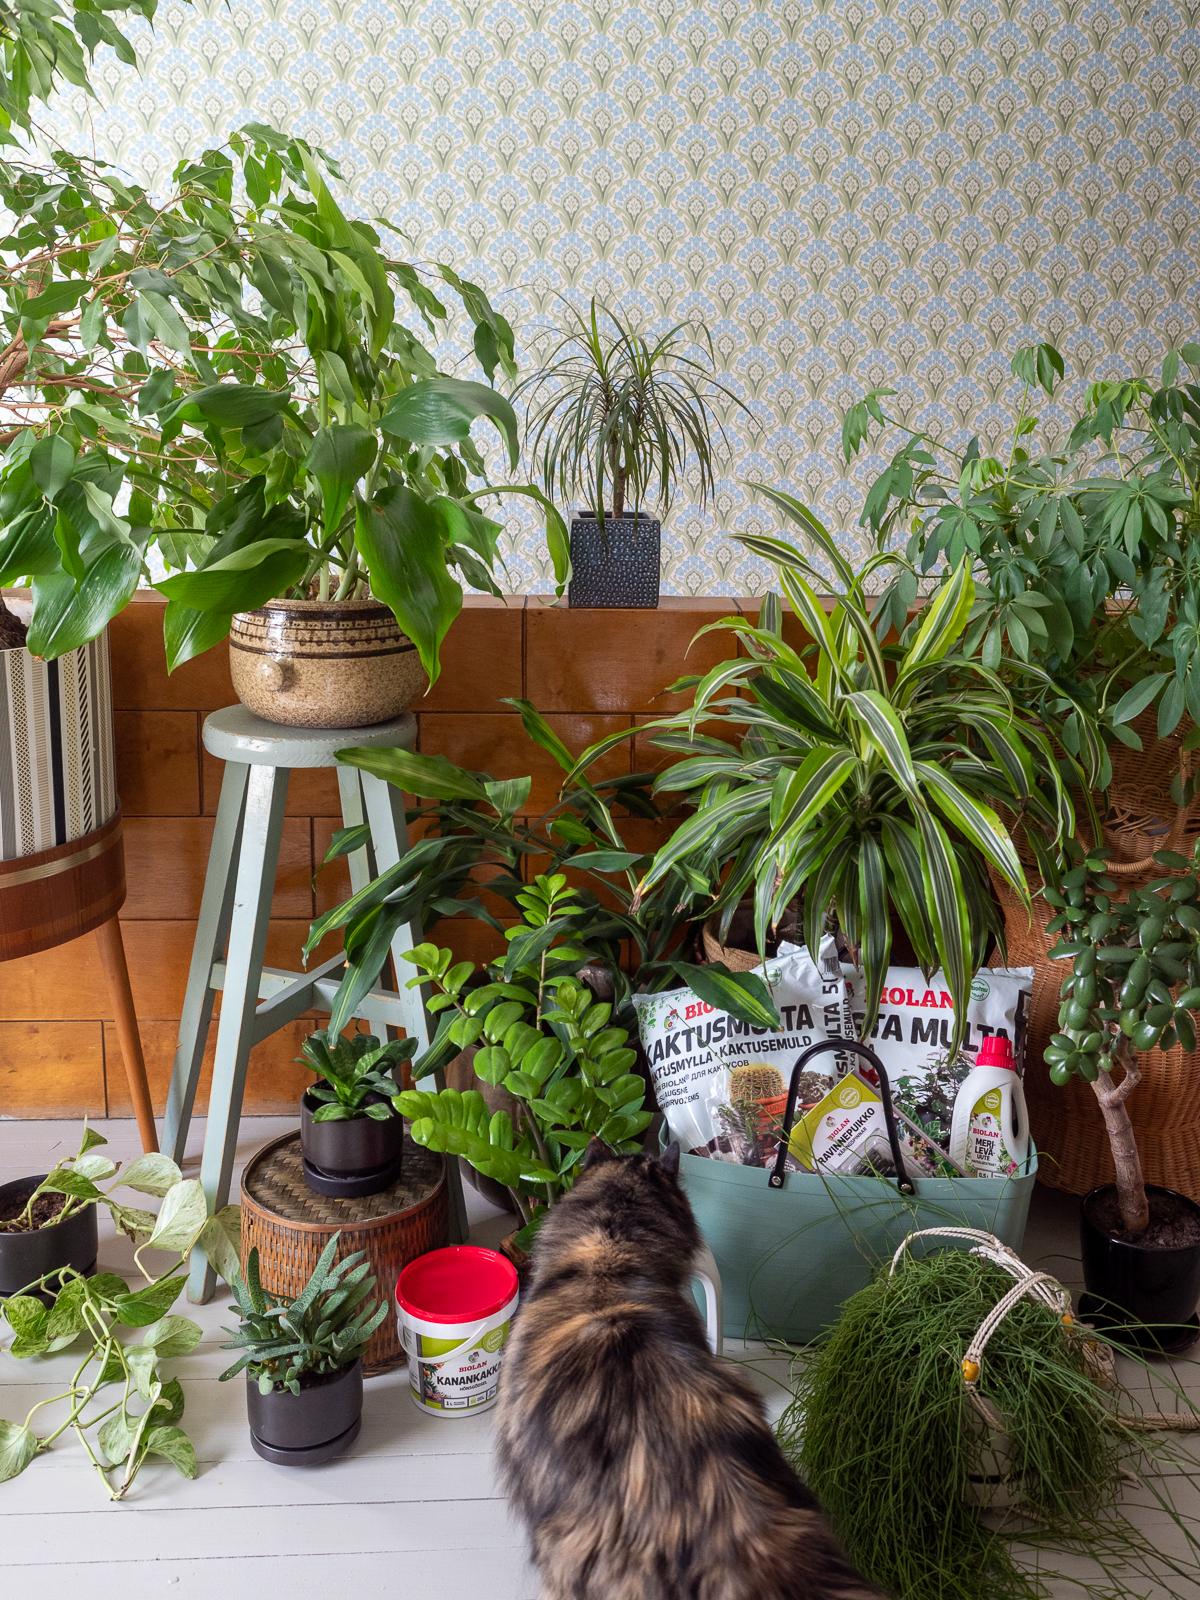 viherkasvien lannoitus milloin ja miten